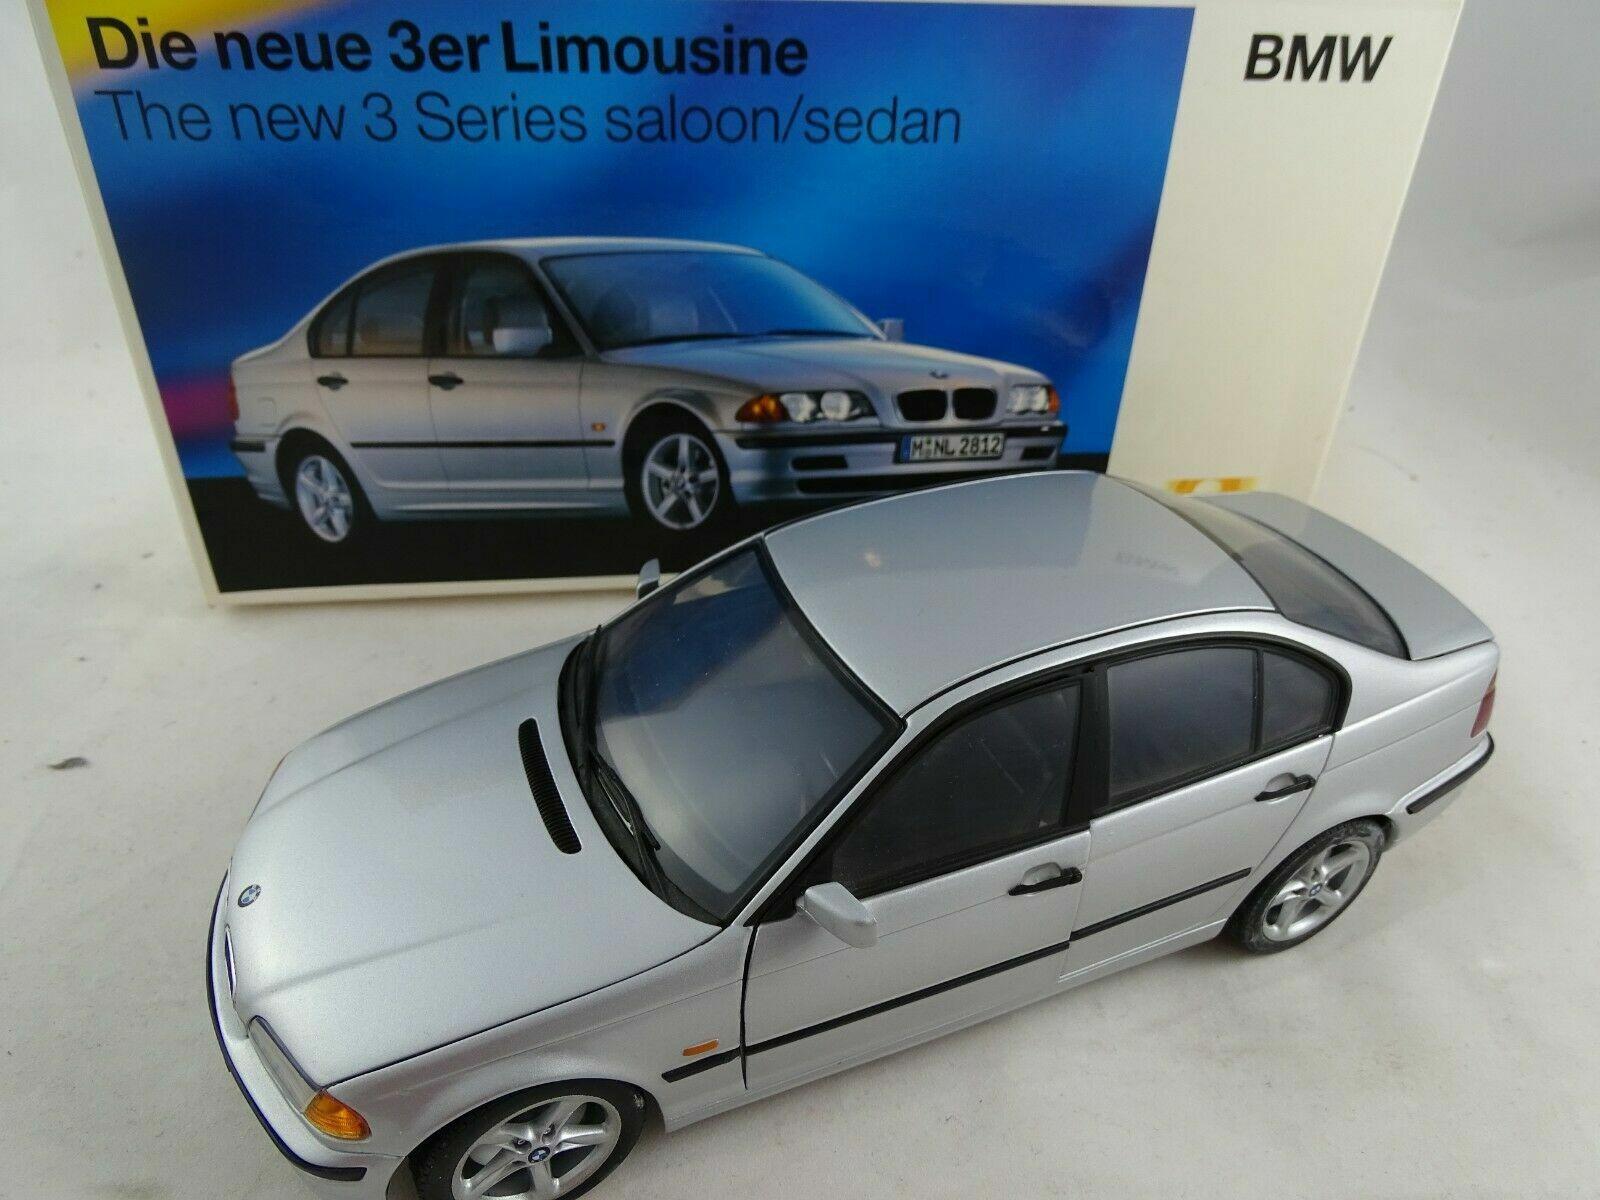 per poco costoso 1 18 spacciatori spacciatori spacciatori pubblicitaria modellololo  80439421535 BMW 3er LIMOUSINE argentooO rarità come nuovo  marchi di stilisti economici